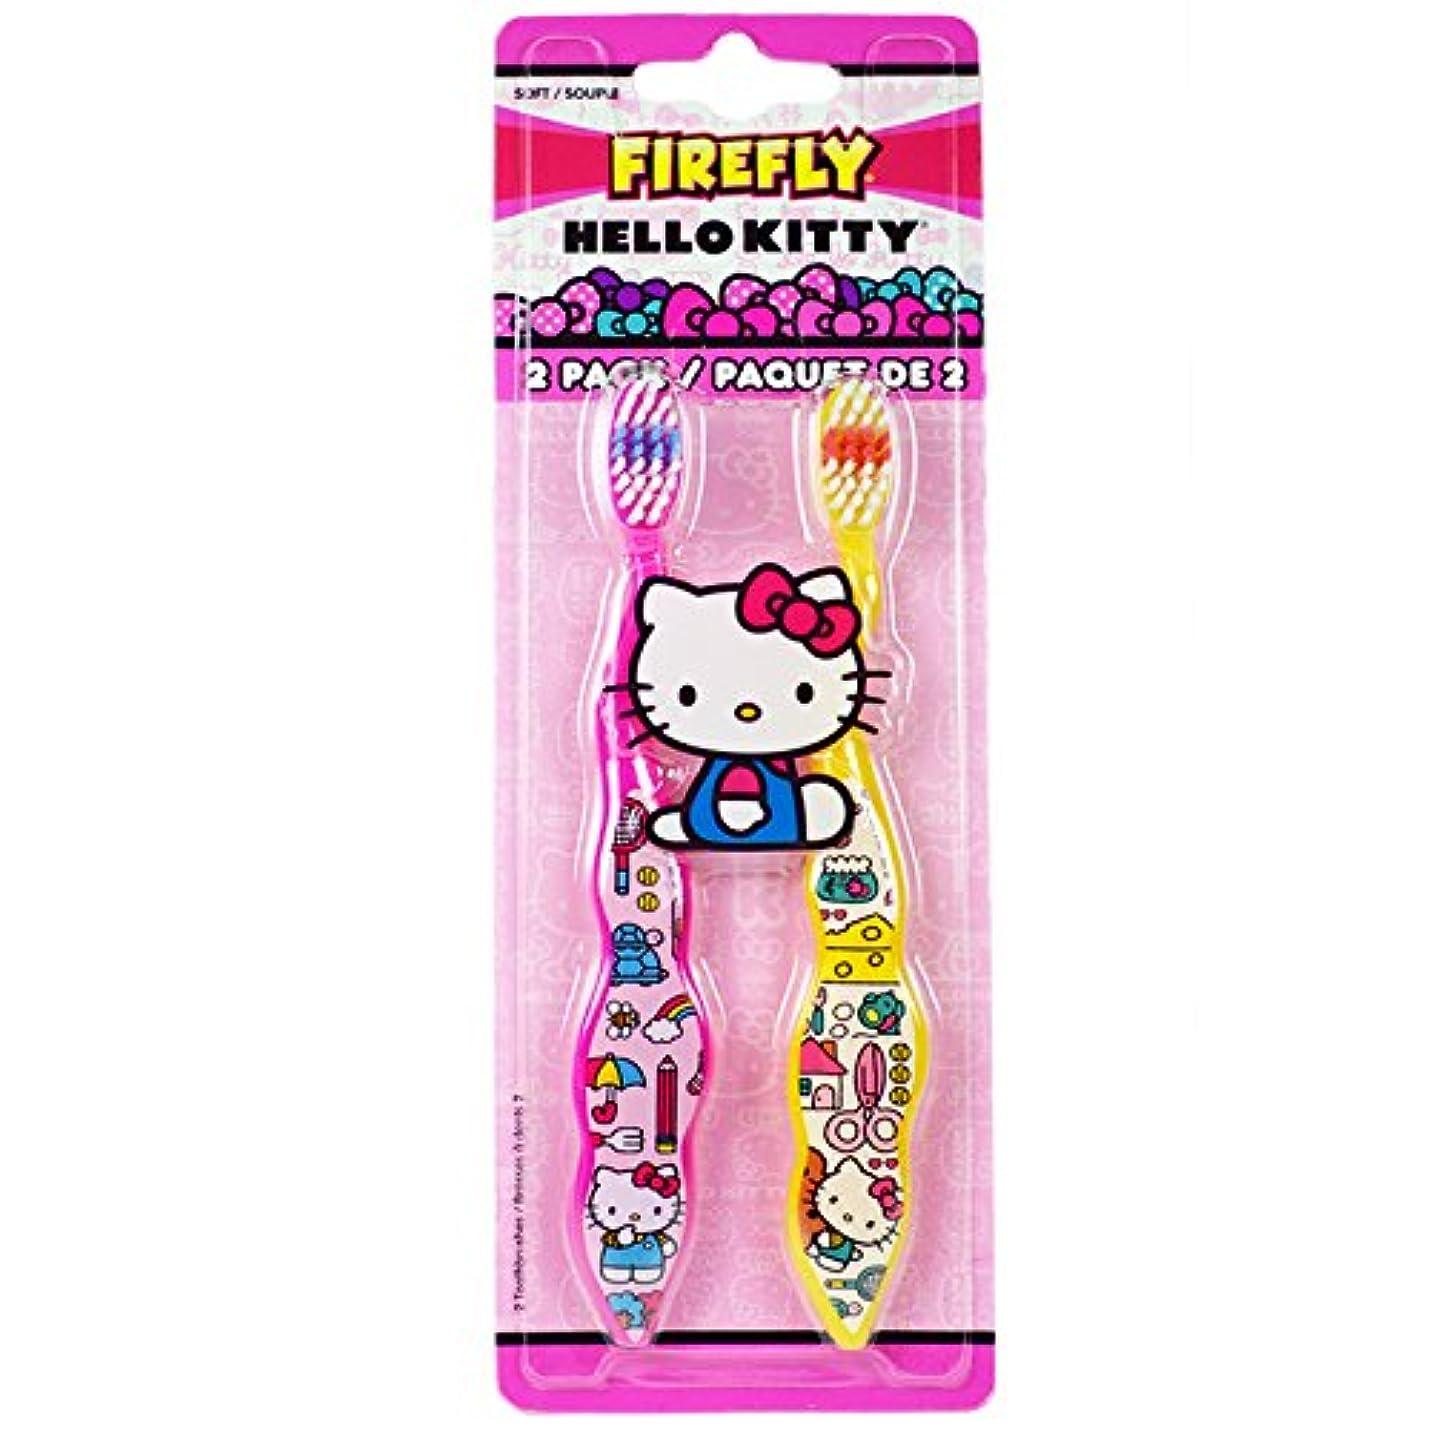 波活力コードDr. Fresh Firefly Hello Kitty Toothbrush, Soft by Firefly